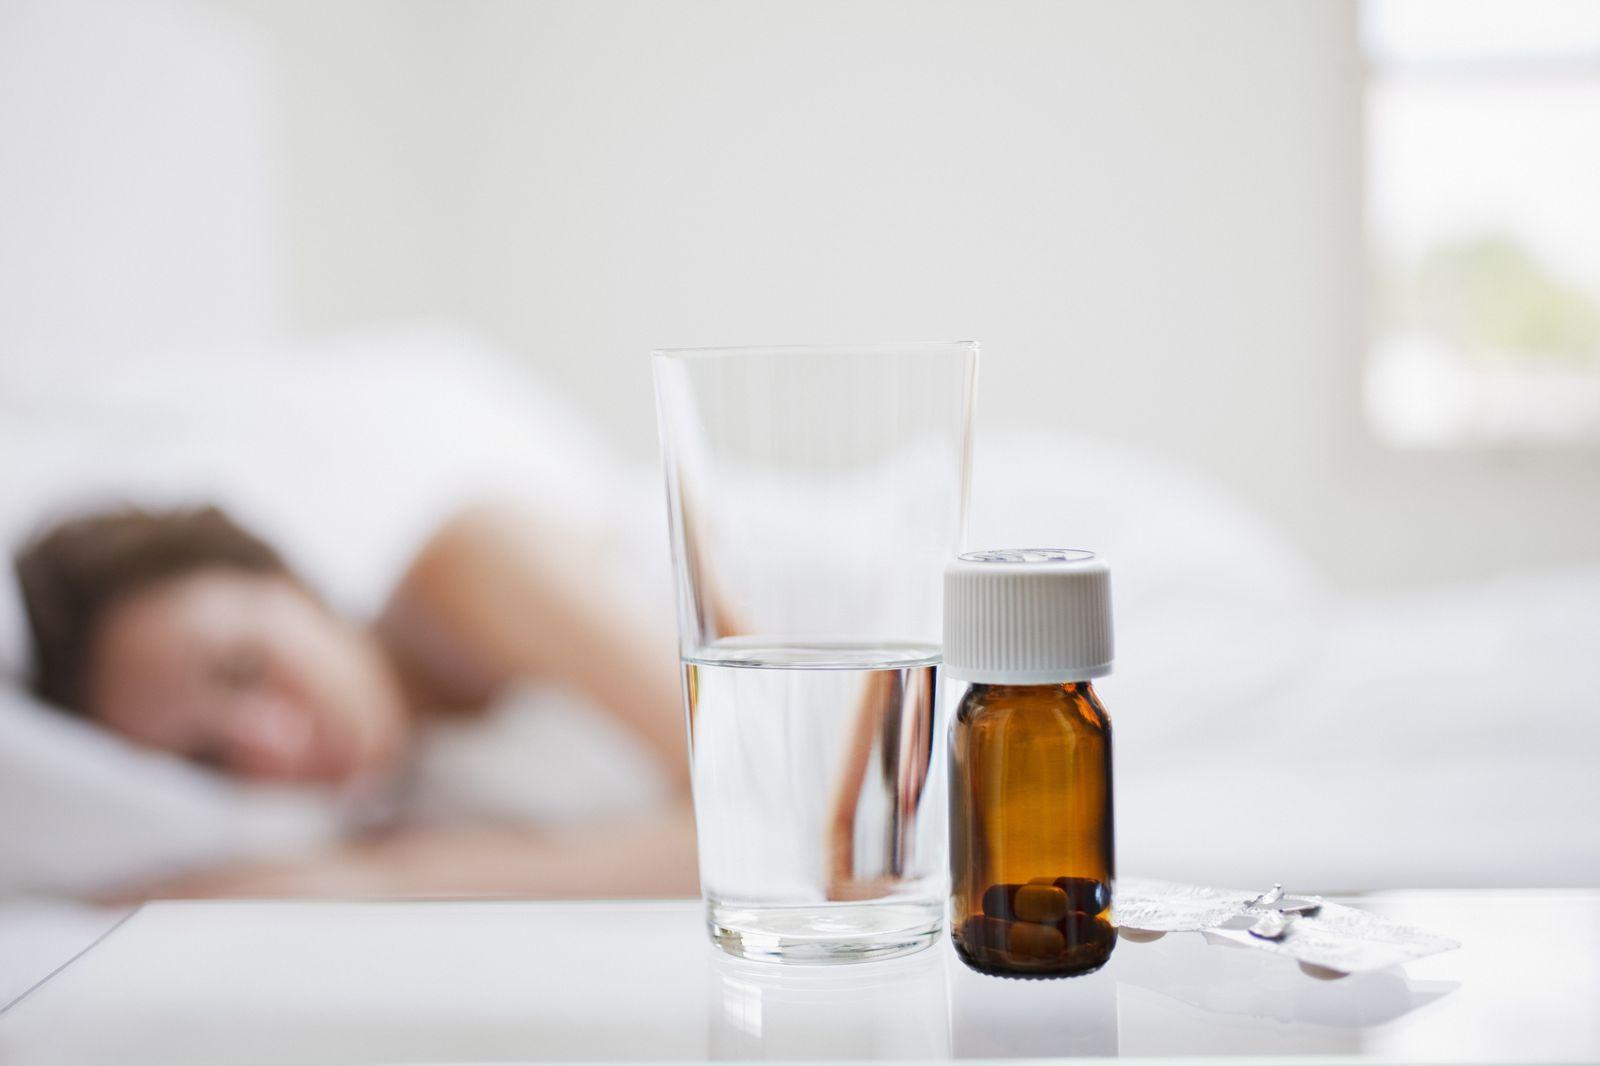 NICHT MEHR VERWENDEN! - Erkältung / Medikamente / Bett